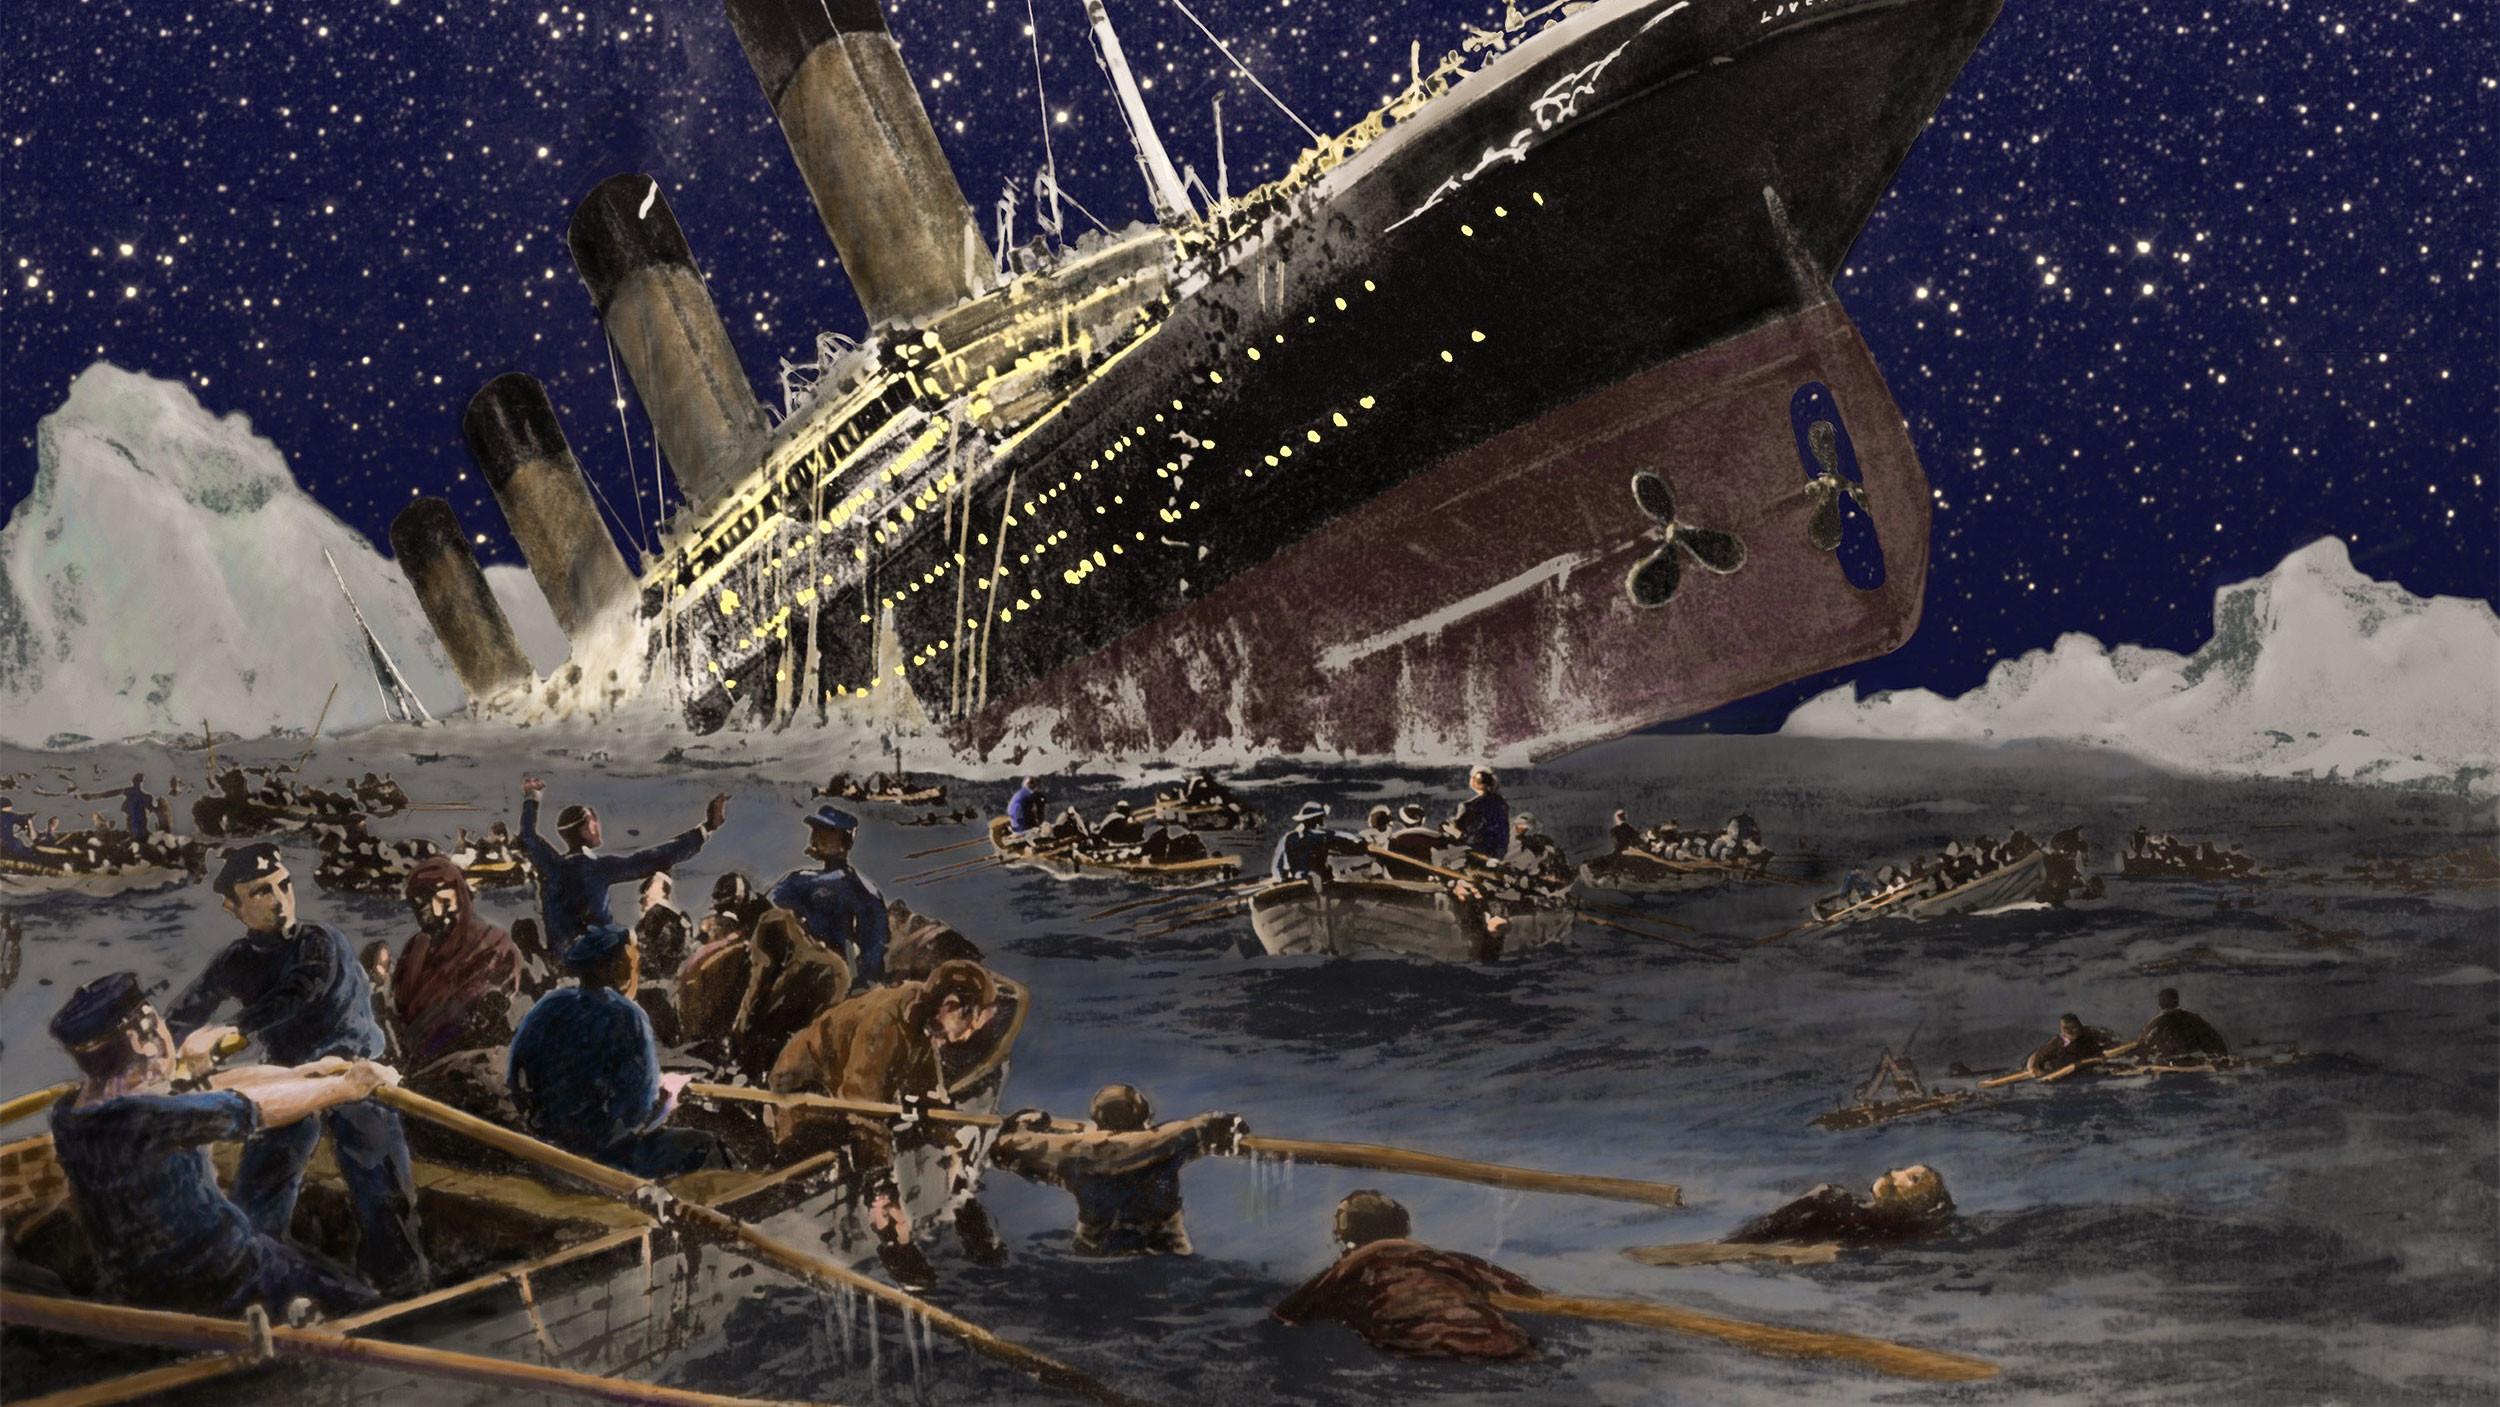 Были ли русские на «Титанике» во время кораблекрушения